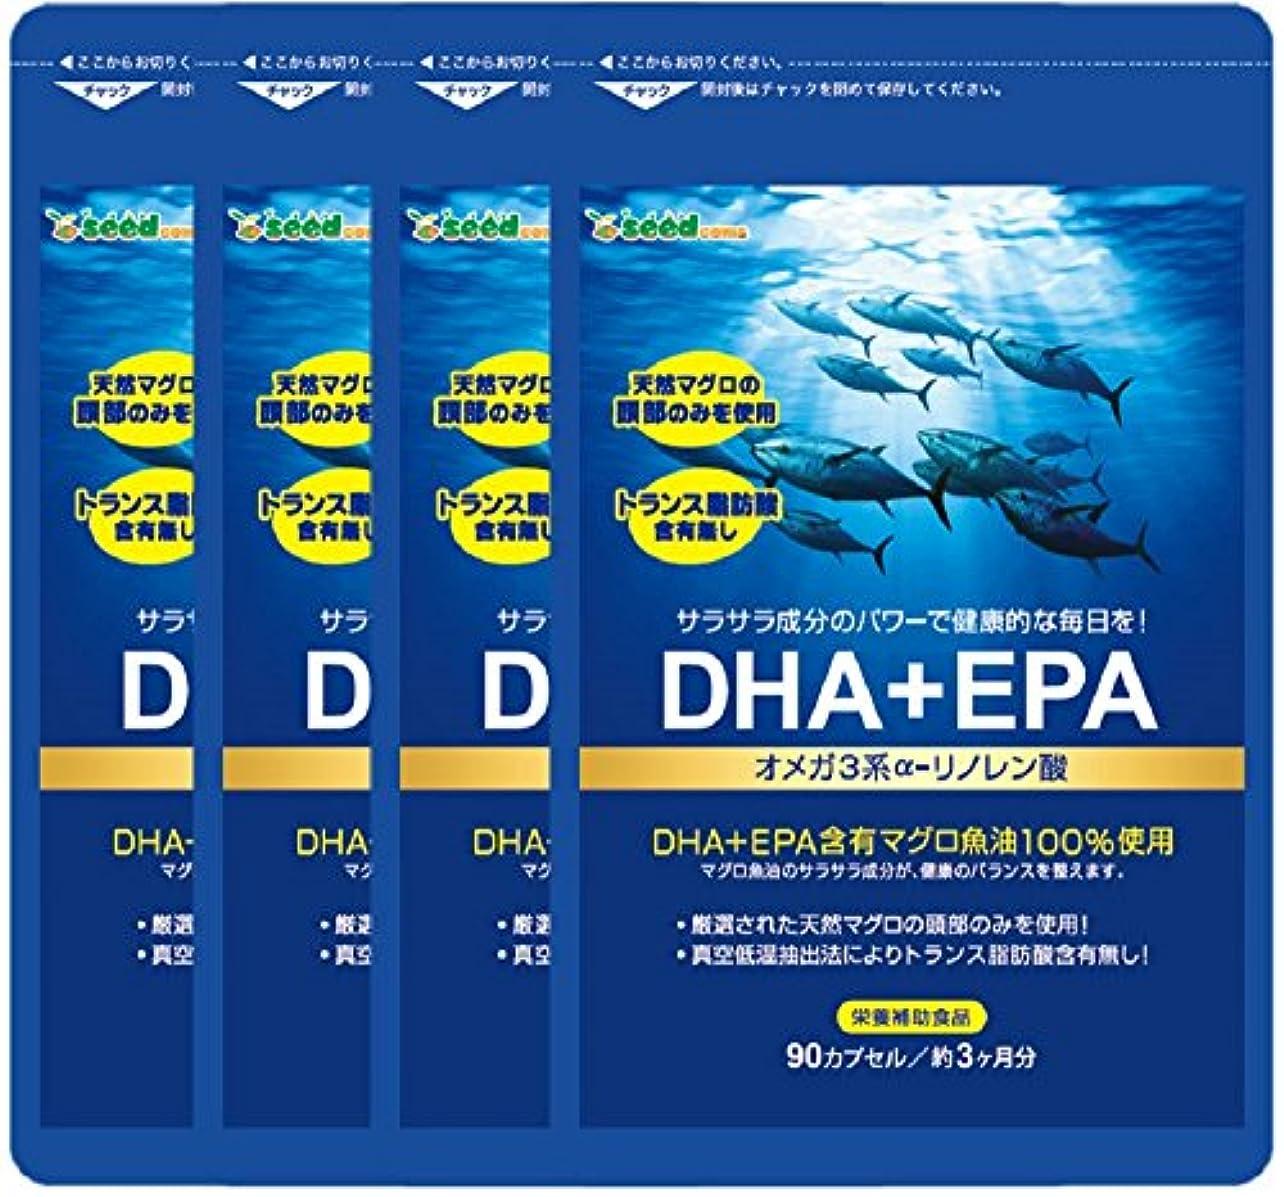 来てそう使役DHA+EPA 約12ケ月分 (オメガ系α-リノレン酸) ビンチョウマグロの頭部のみを贅沢に使用!!トランス脂肪酸0㎎